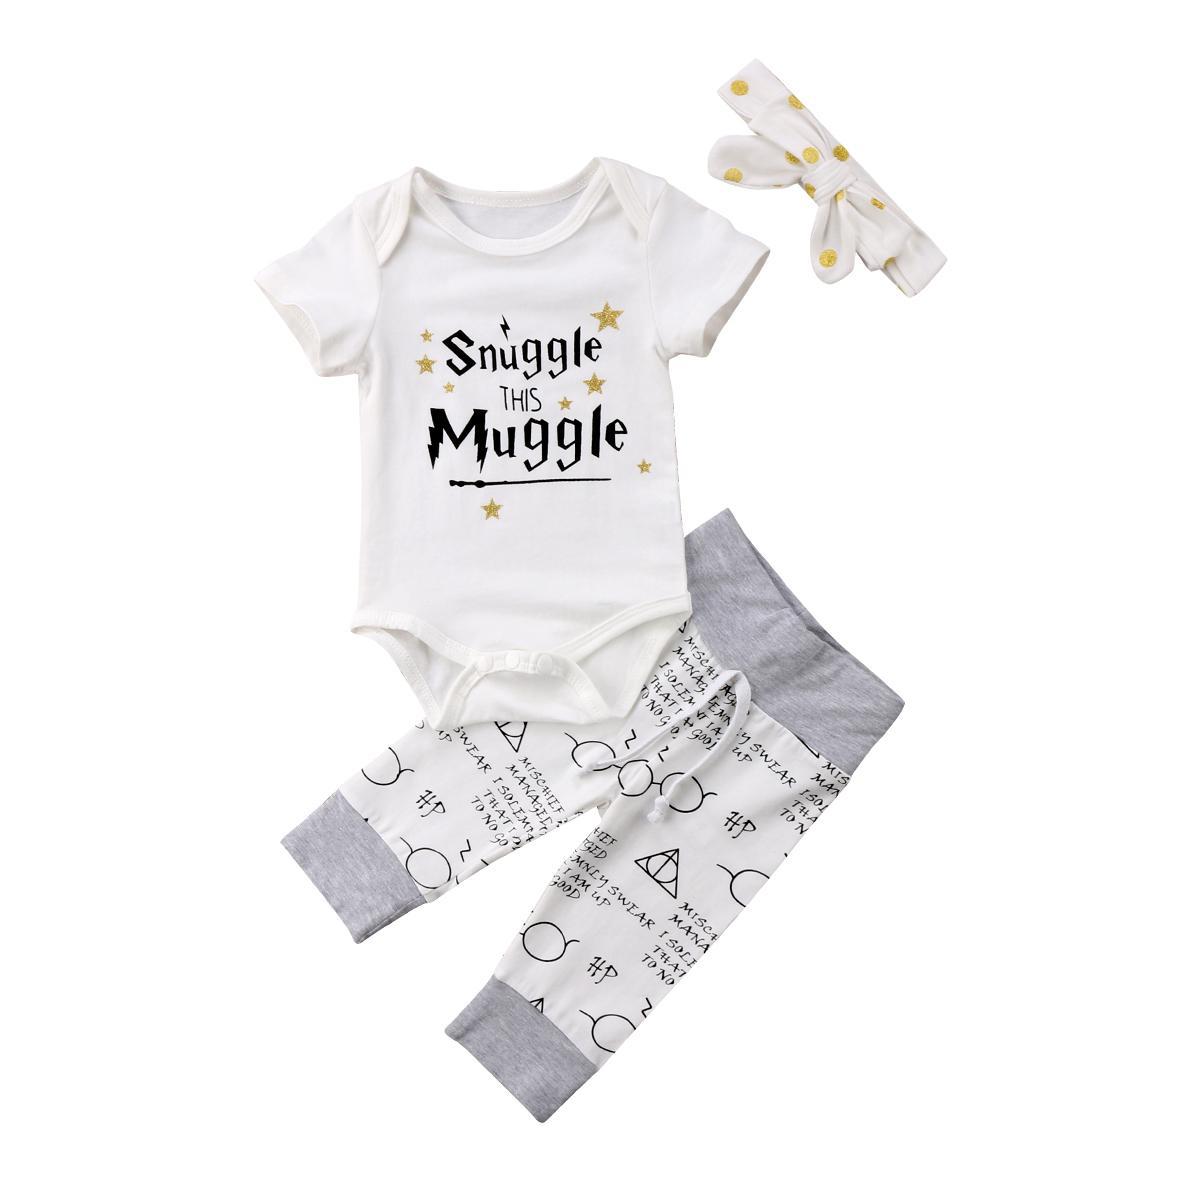 Bebê recém-nascido Crianças Meninos Meninas Cotton Romper Tops + calças compridas 2pcs Roupas de bebê Outfits Set